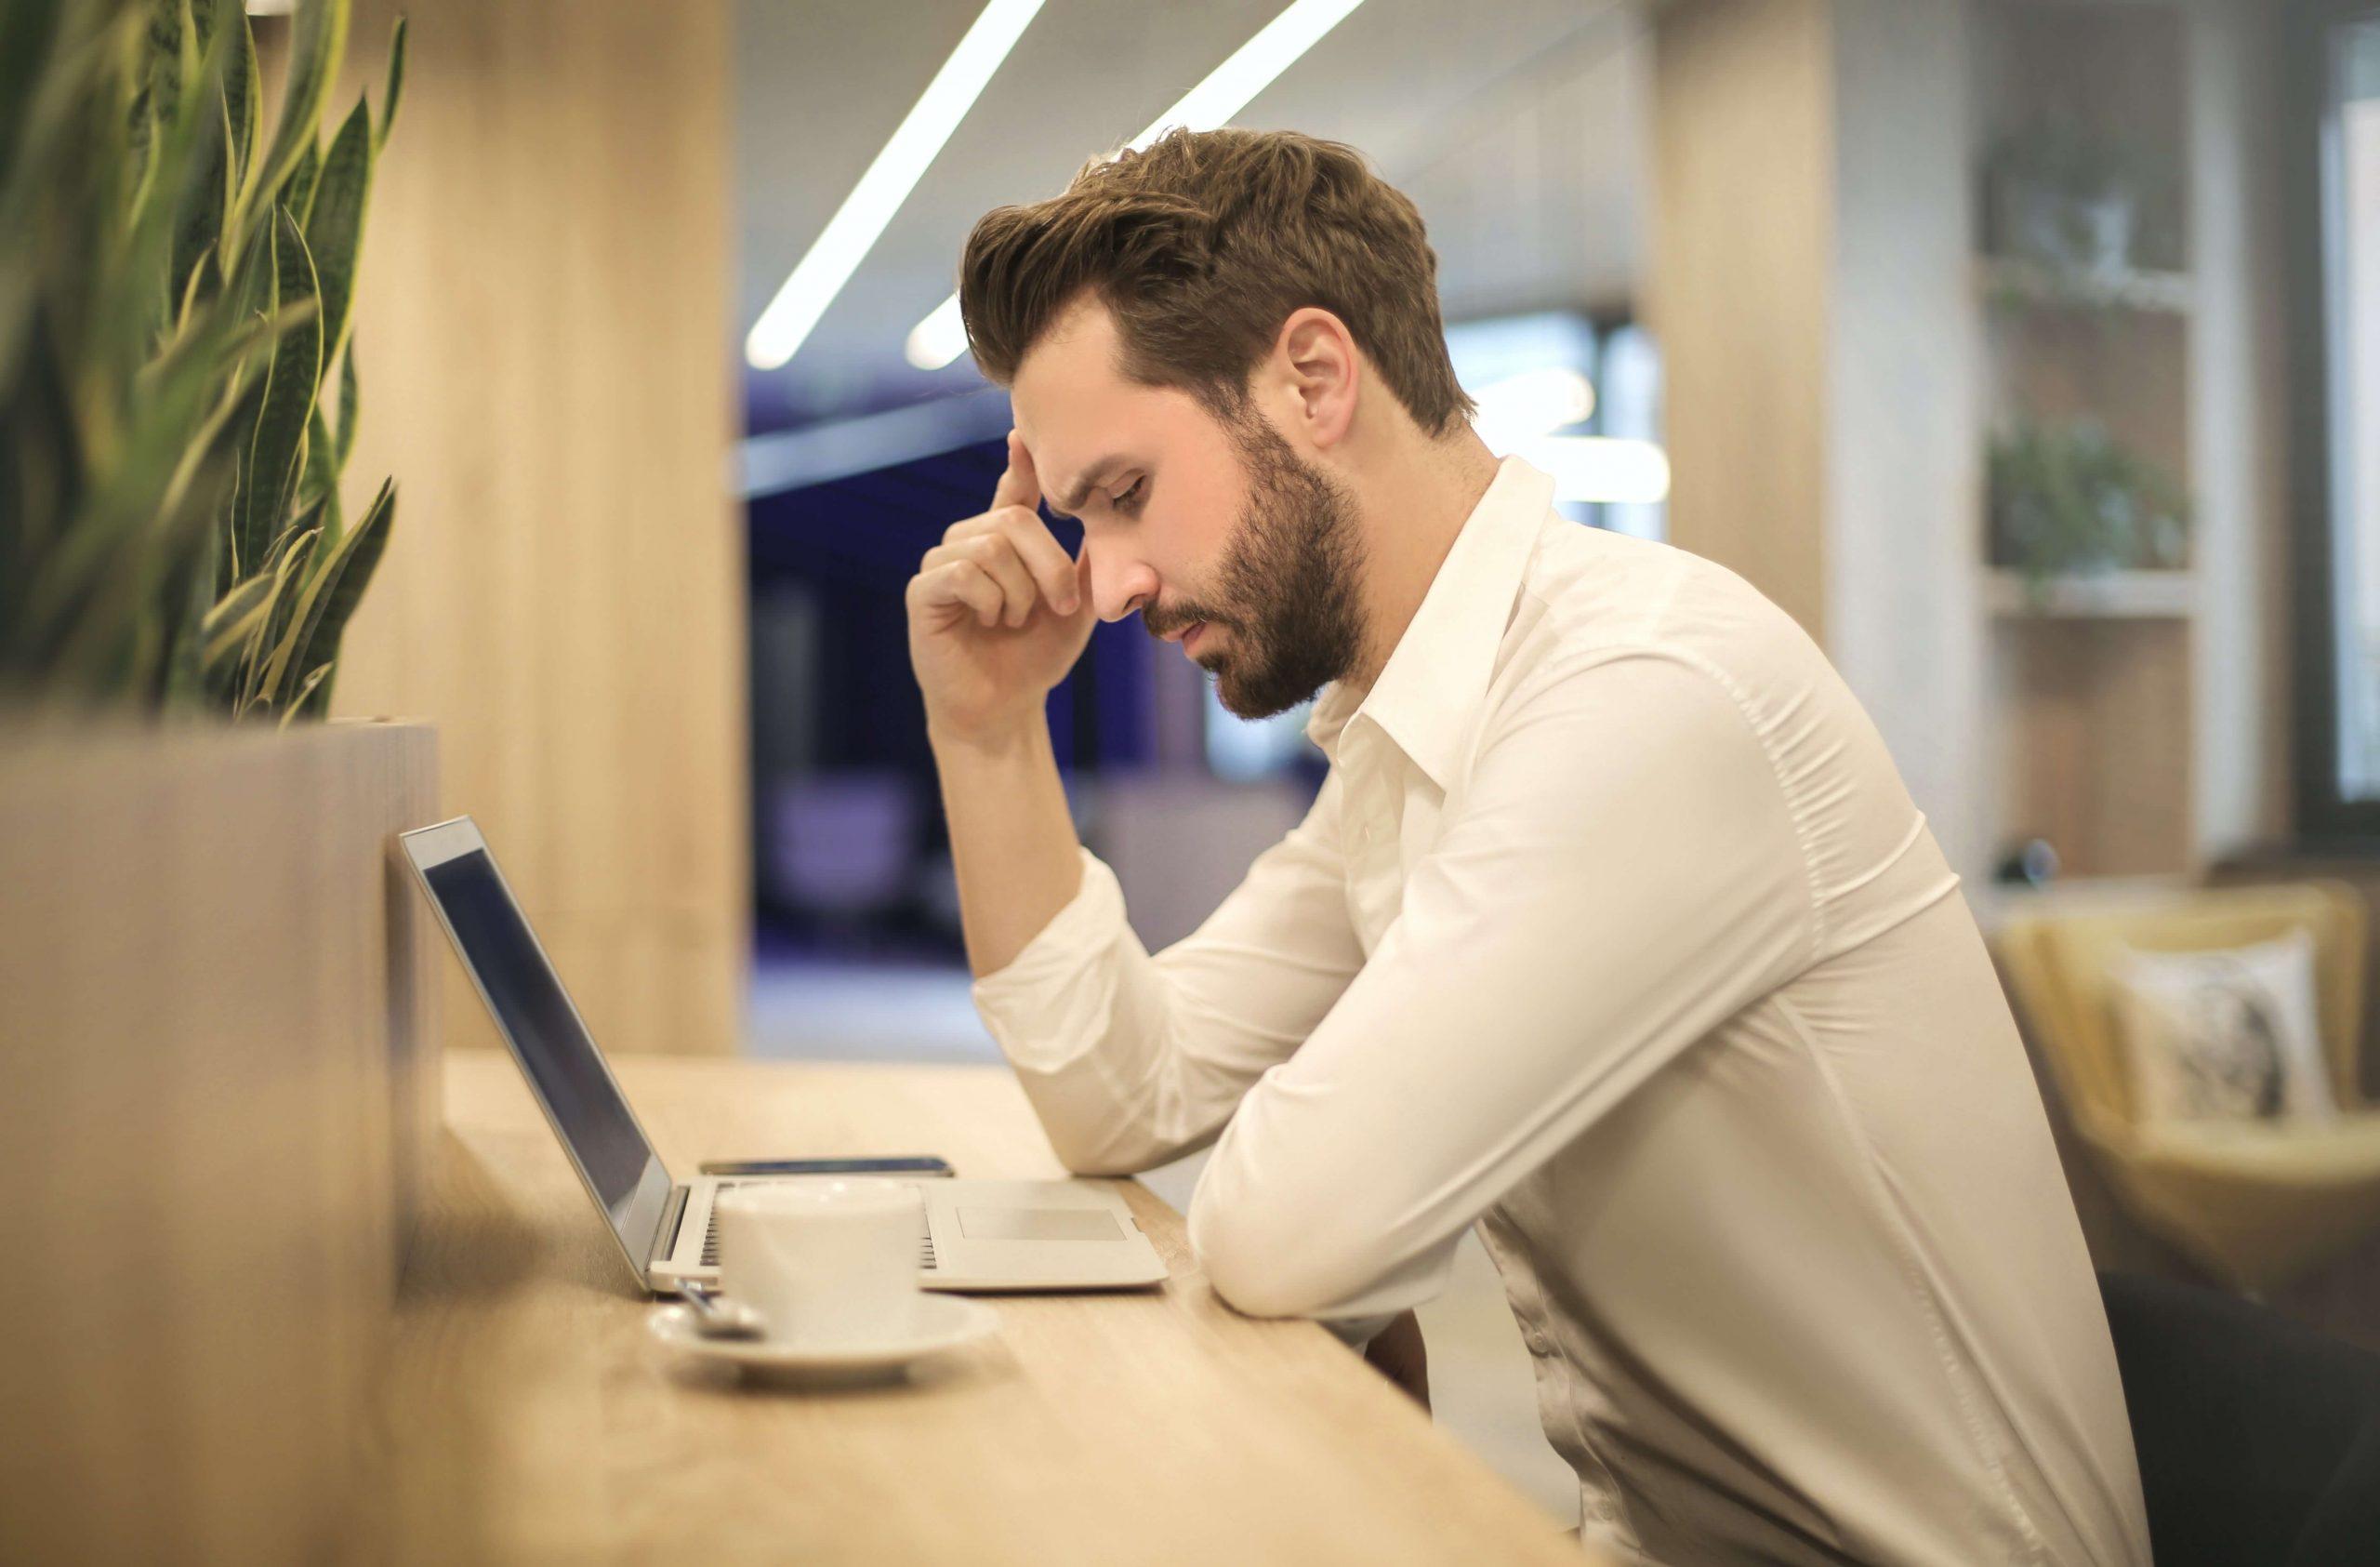 Consulenza psicologica online: perché è efficace